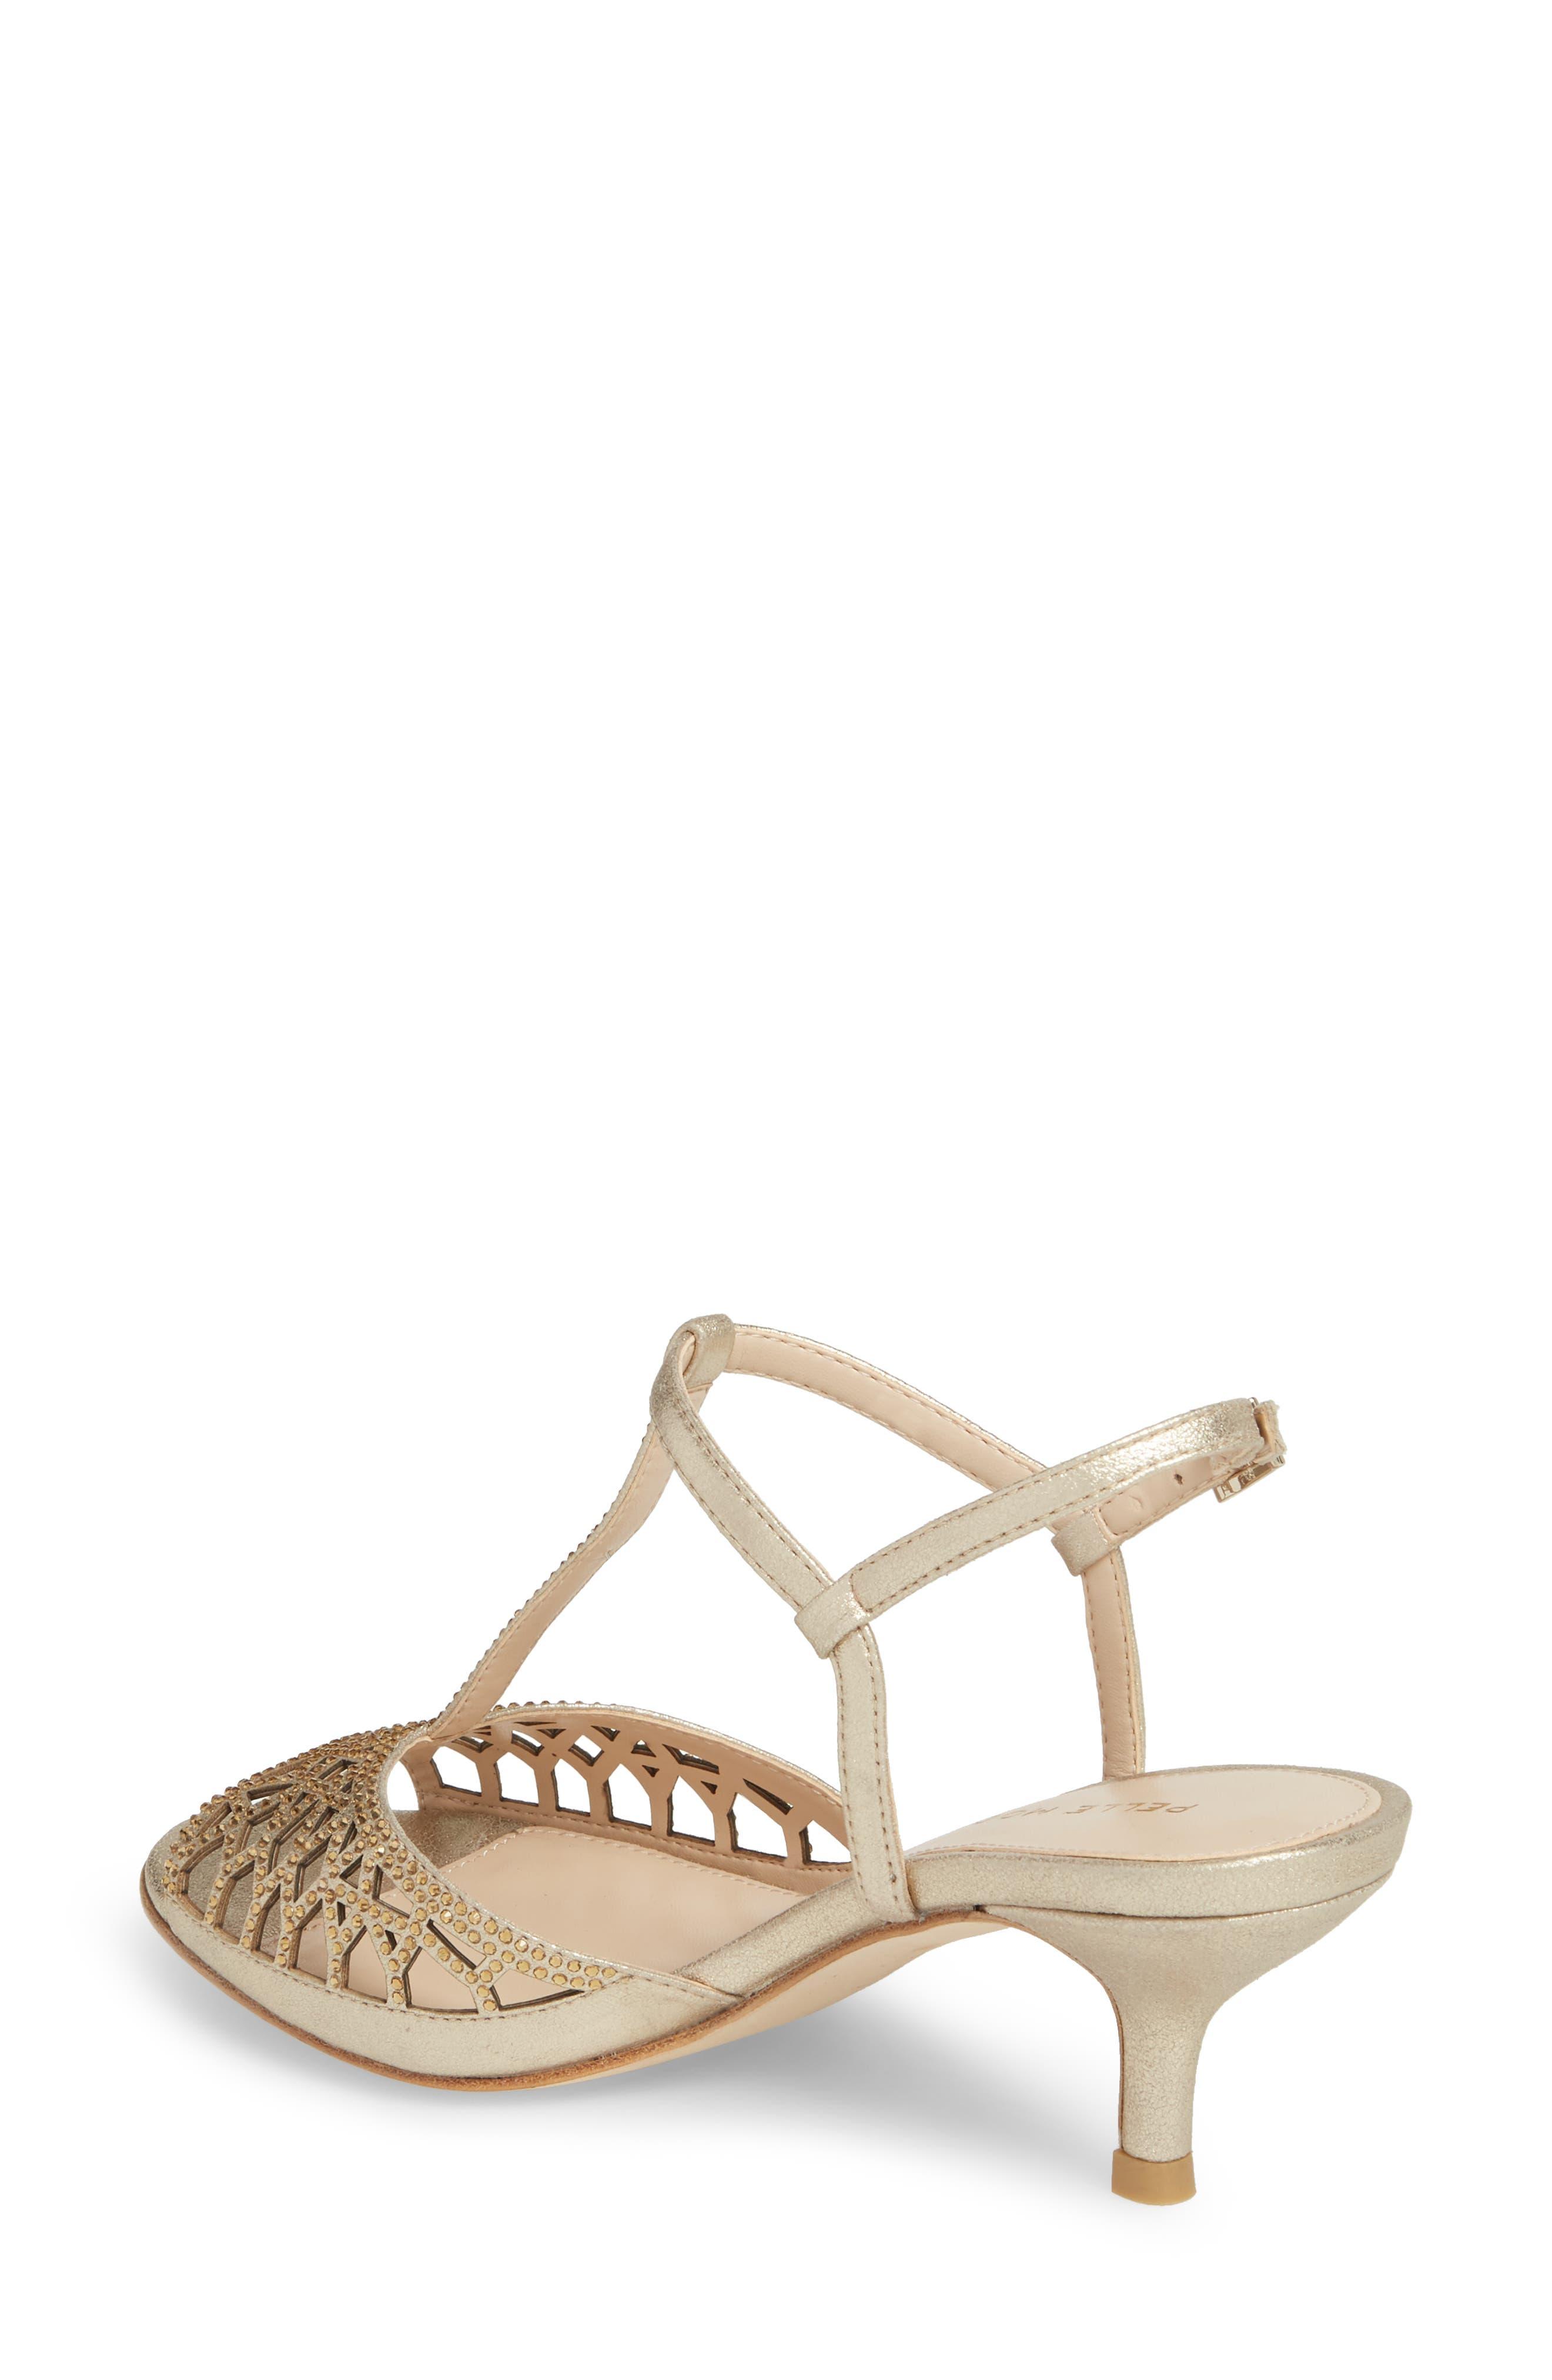 Adaline Embellished Sandal,                             Alternate thumbnail 2, color,                             Platinum Gold Metallic Suede